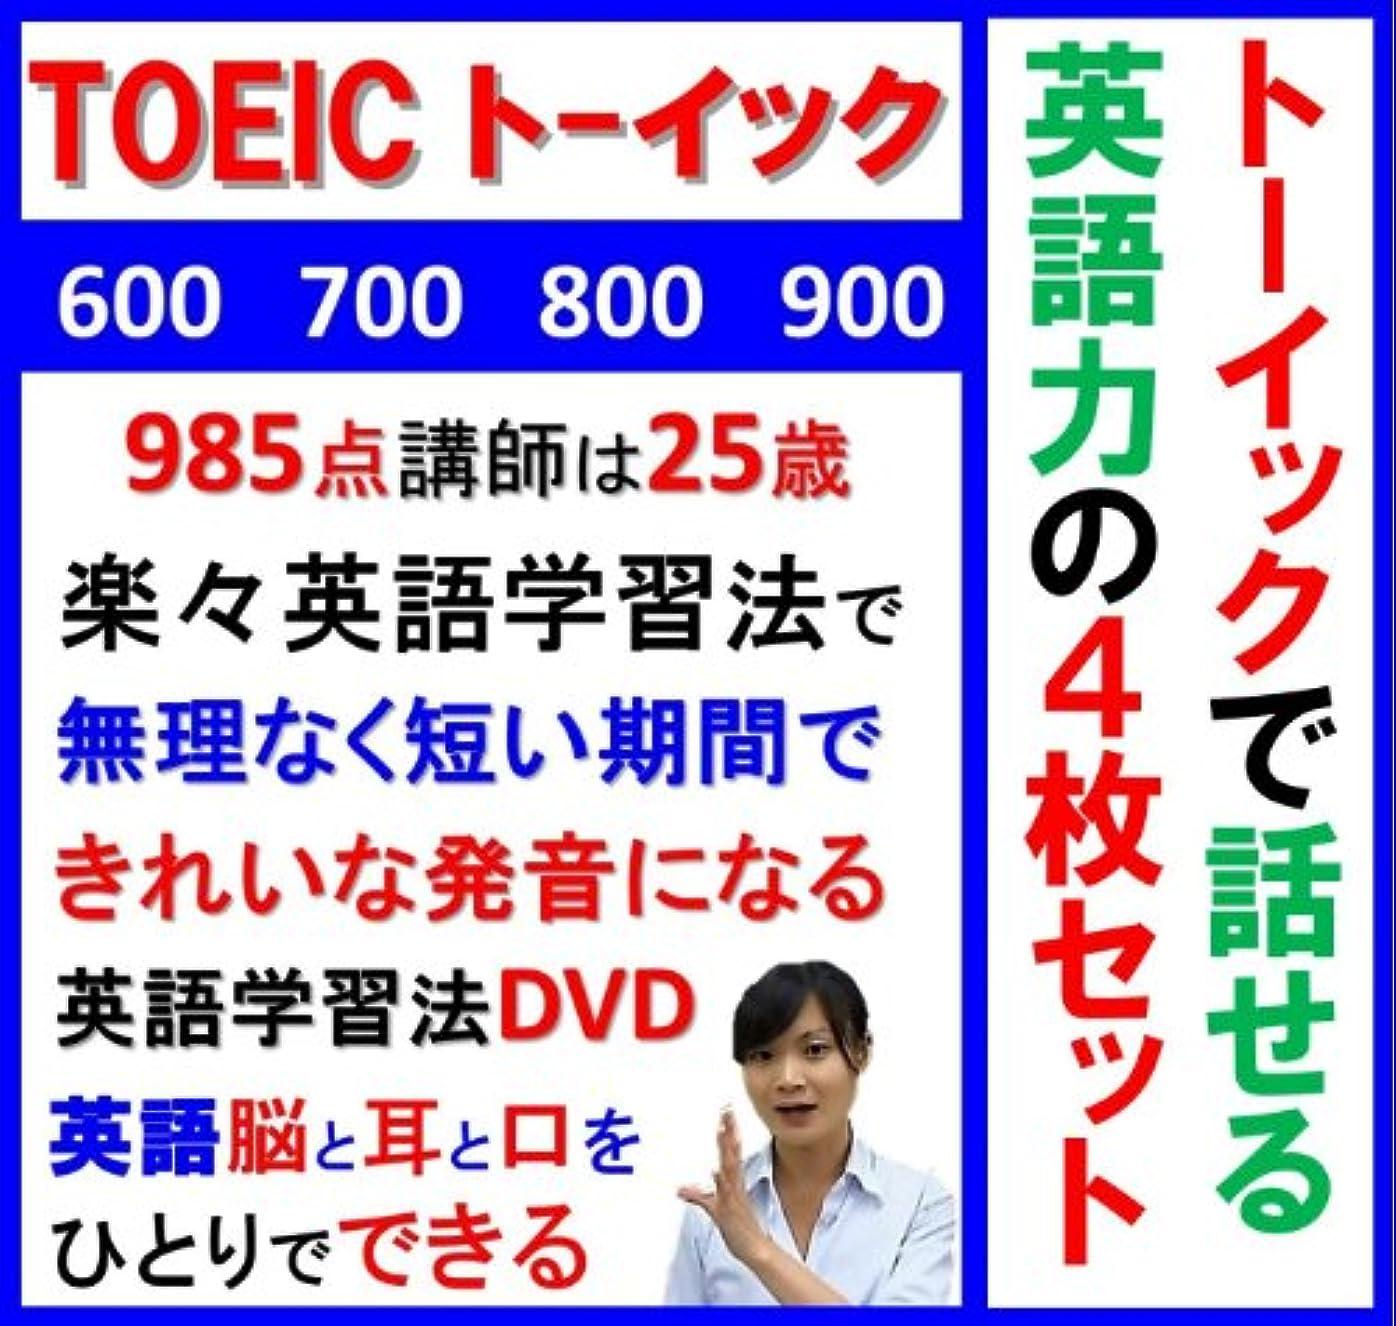 文句を言う厚さマルクス主義者TOEIC600~900。たった3週間の対策で985点の英語講師(25歳)が学習法を公開。きれいな発音のトレーニング法で900点へ導く!